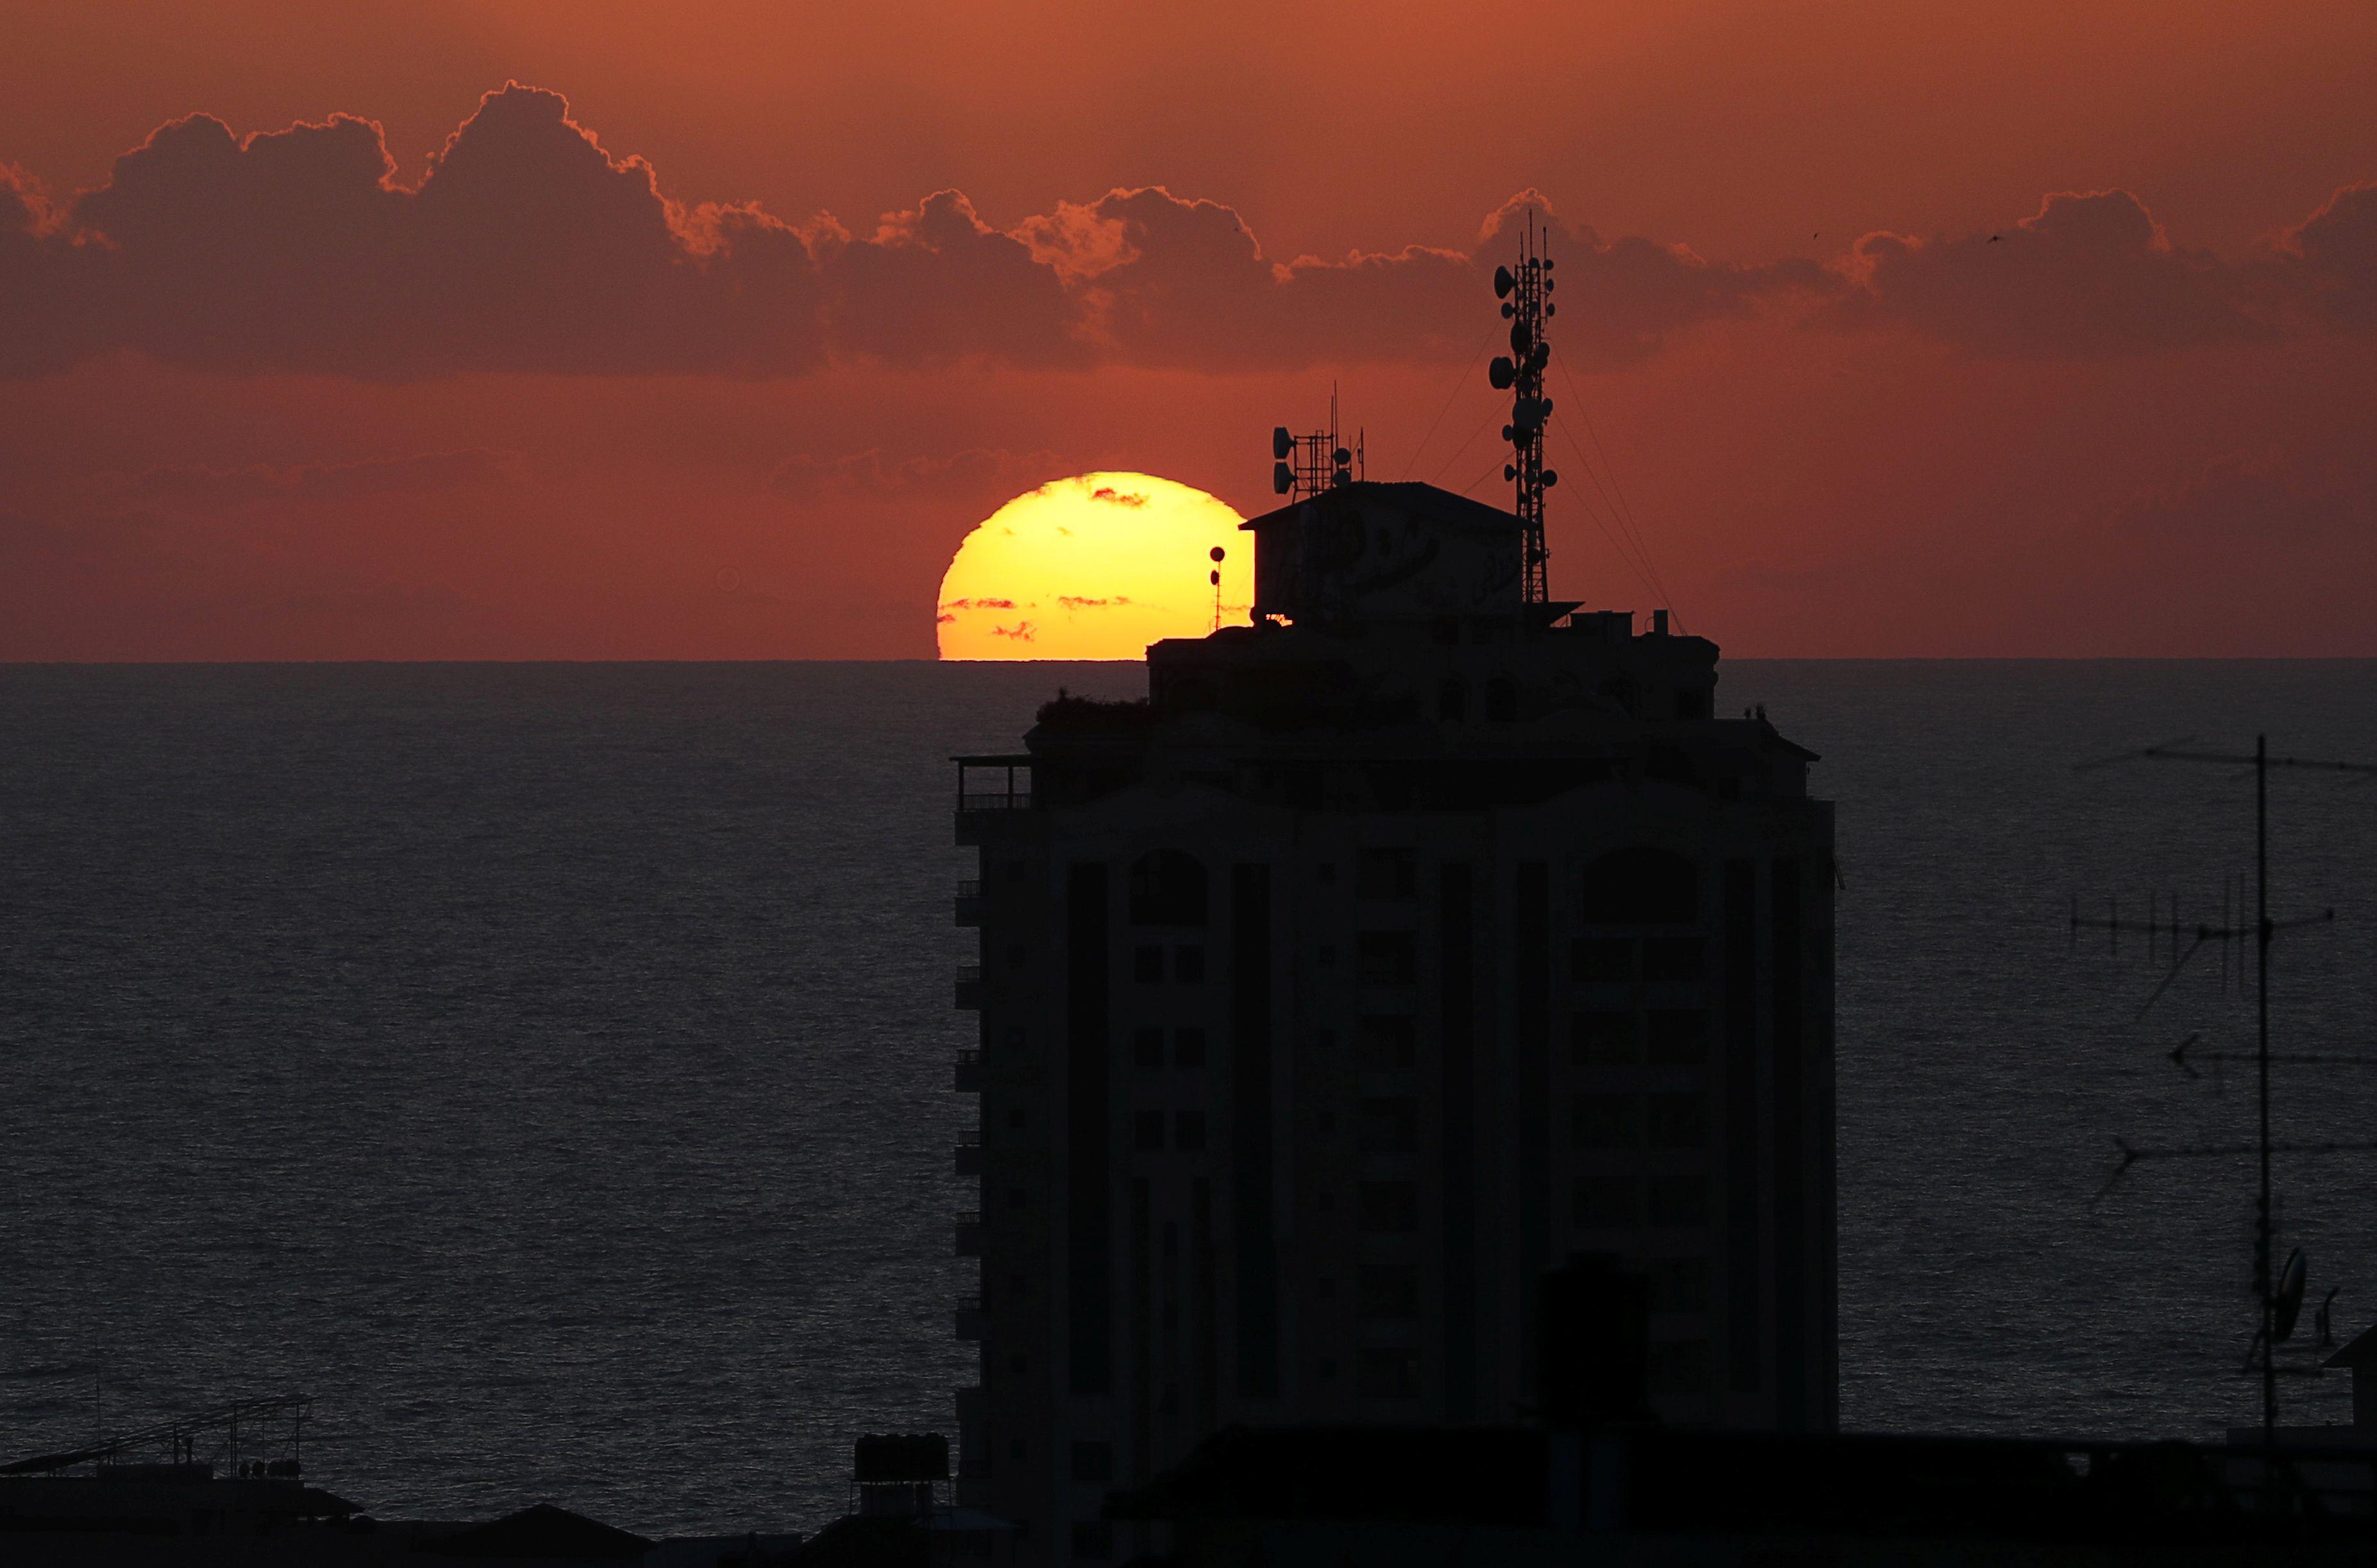 القصف الإسرائيلى مع غروب الشمس